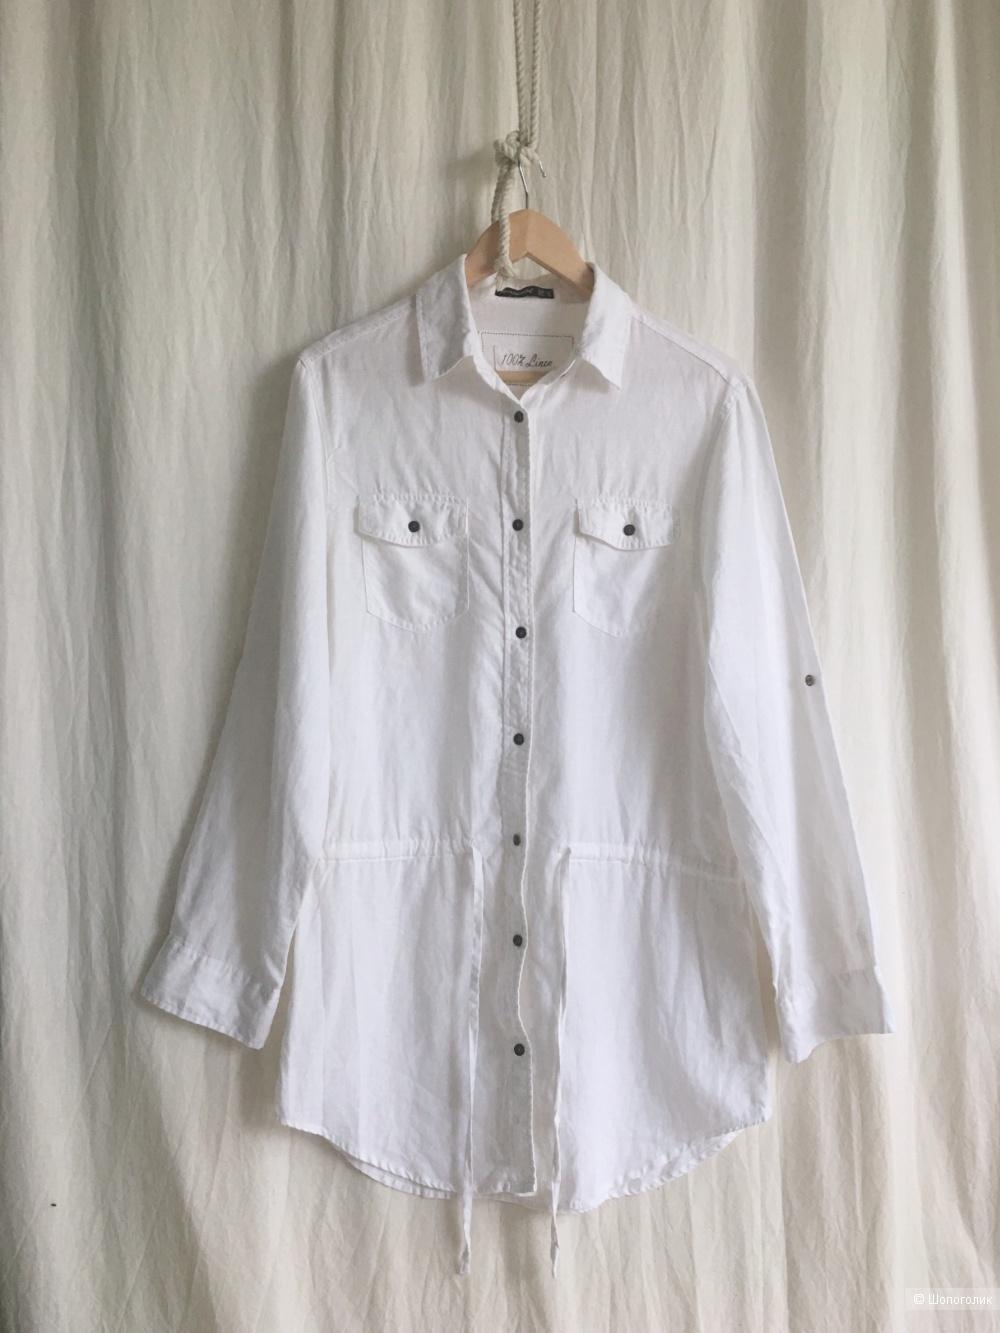 Рубашка Atmosphere. Размер uk 10.